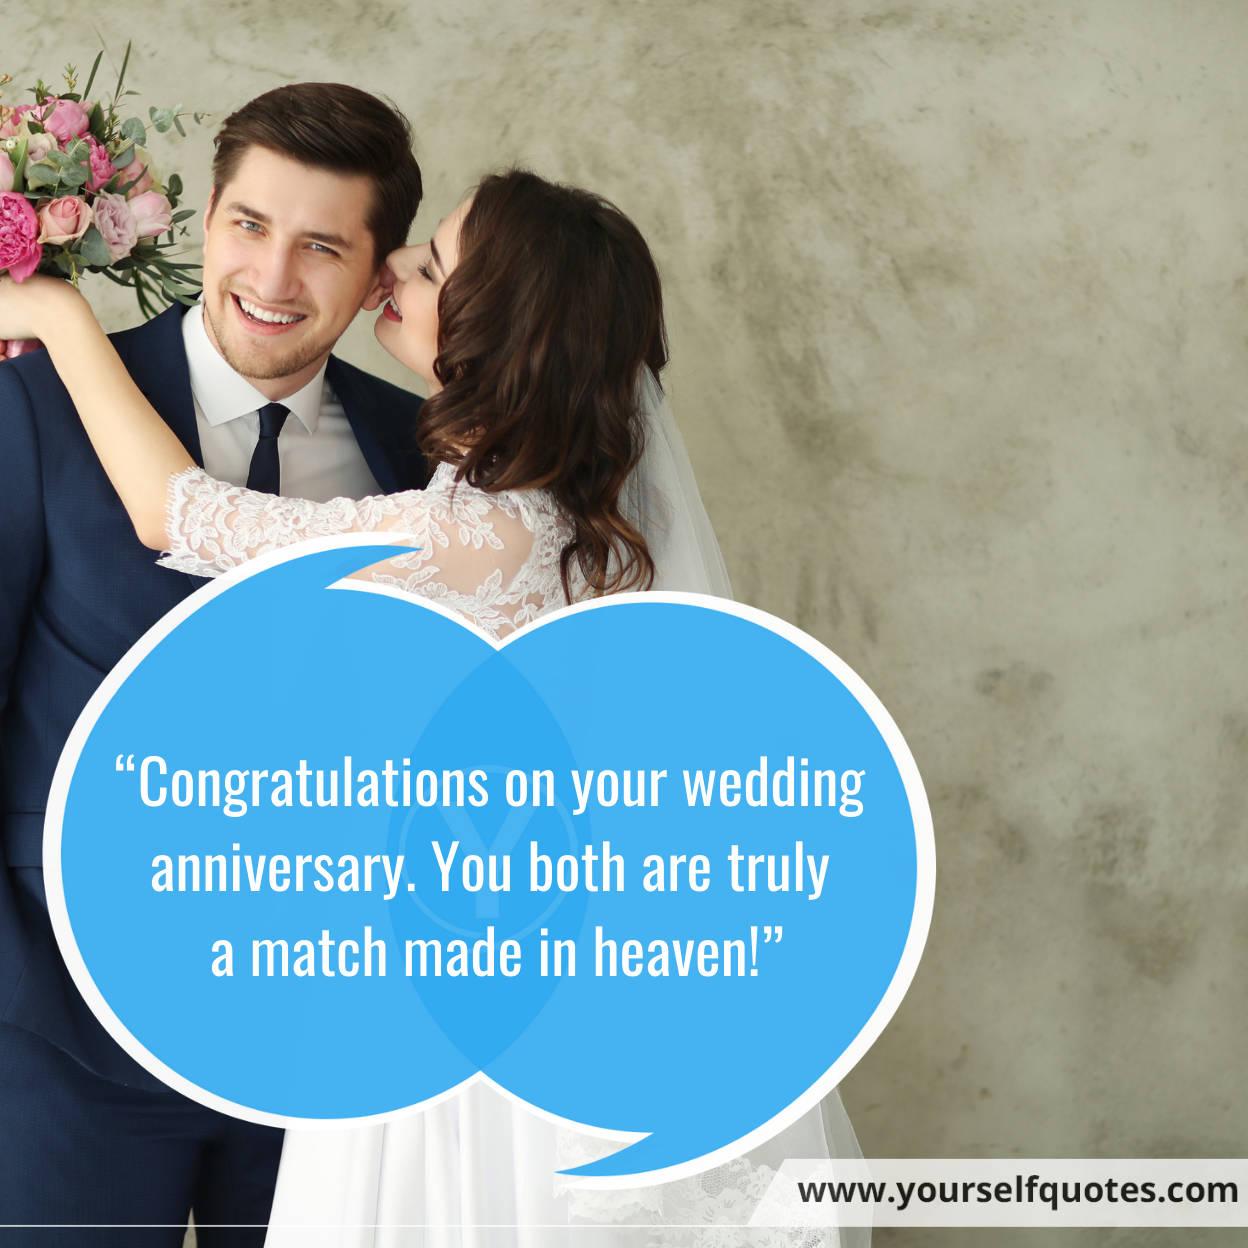 Gambar Keinginan Ulang Tahun Pernikahan